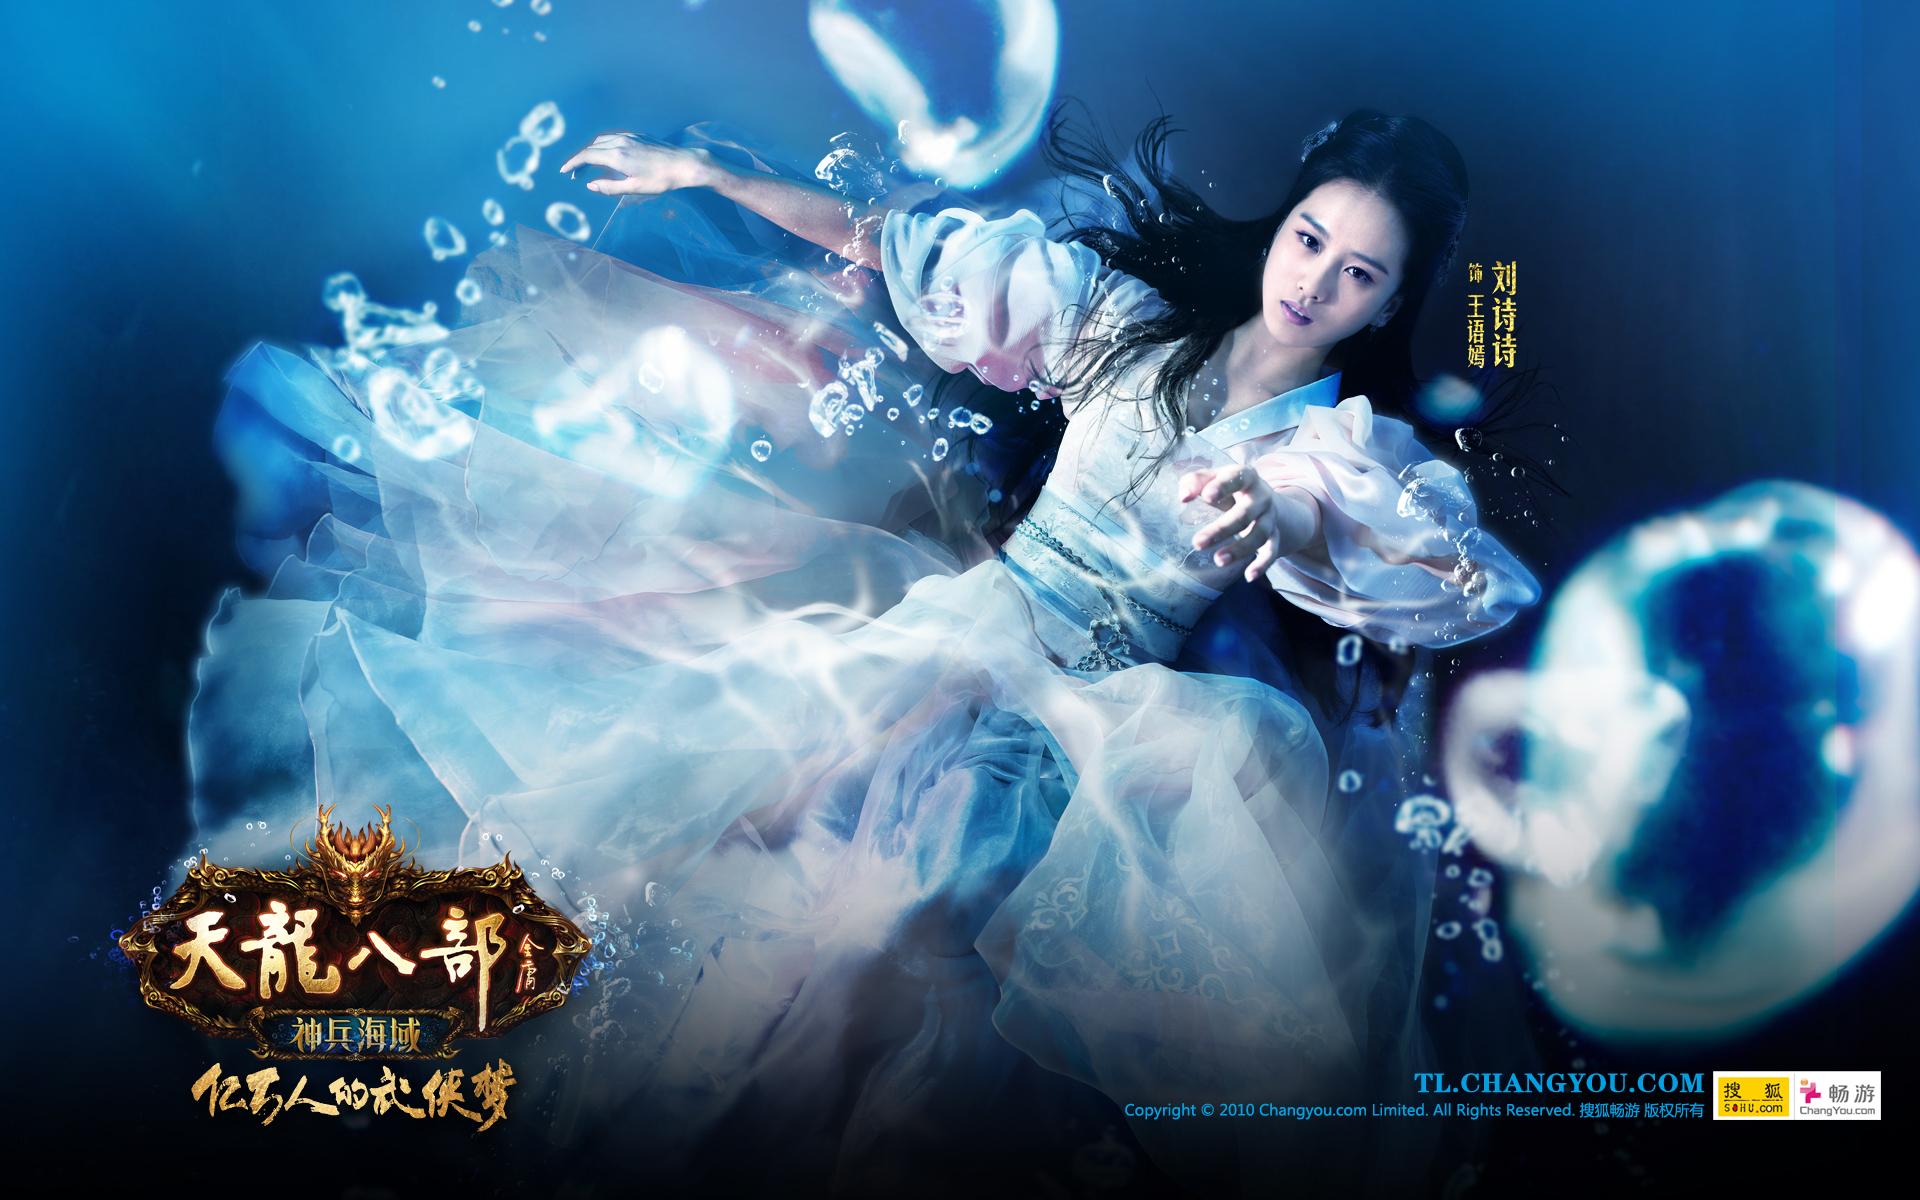 气质人气女星刘诗诗简约时尚优雅写真桌面壁纸 二 ,是美桌高清图片